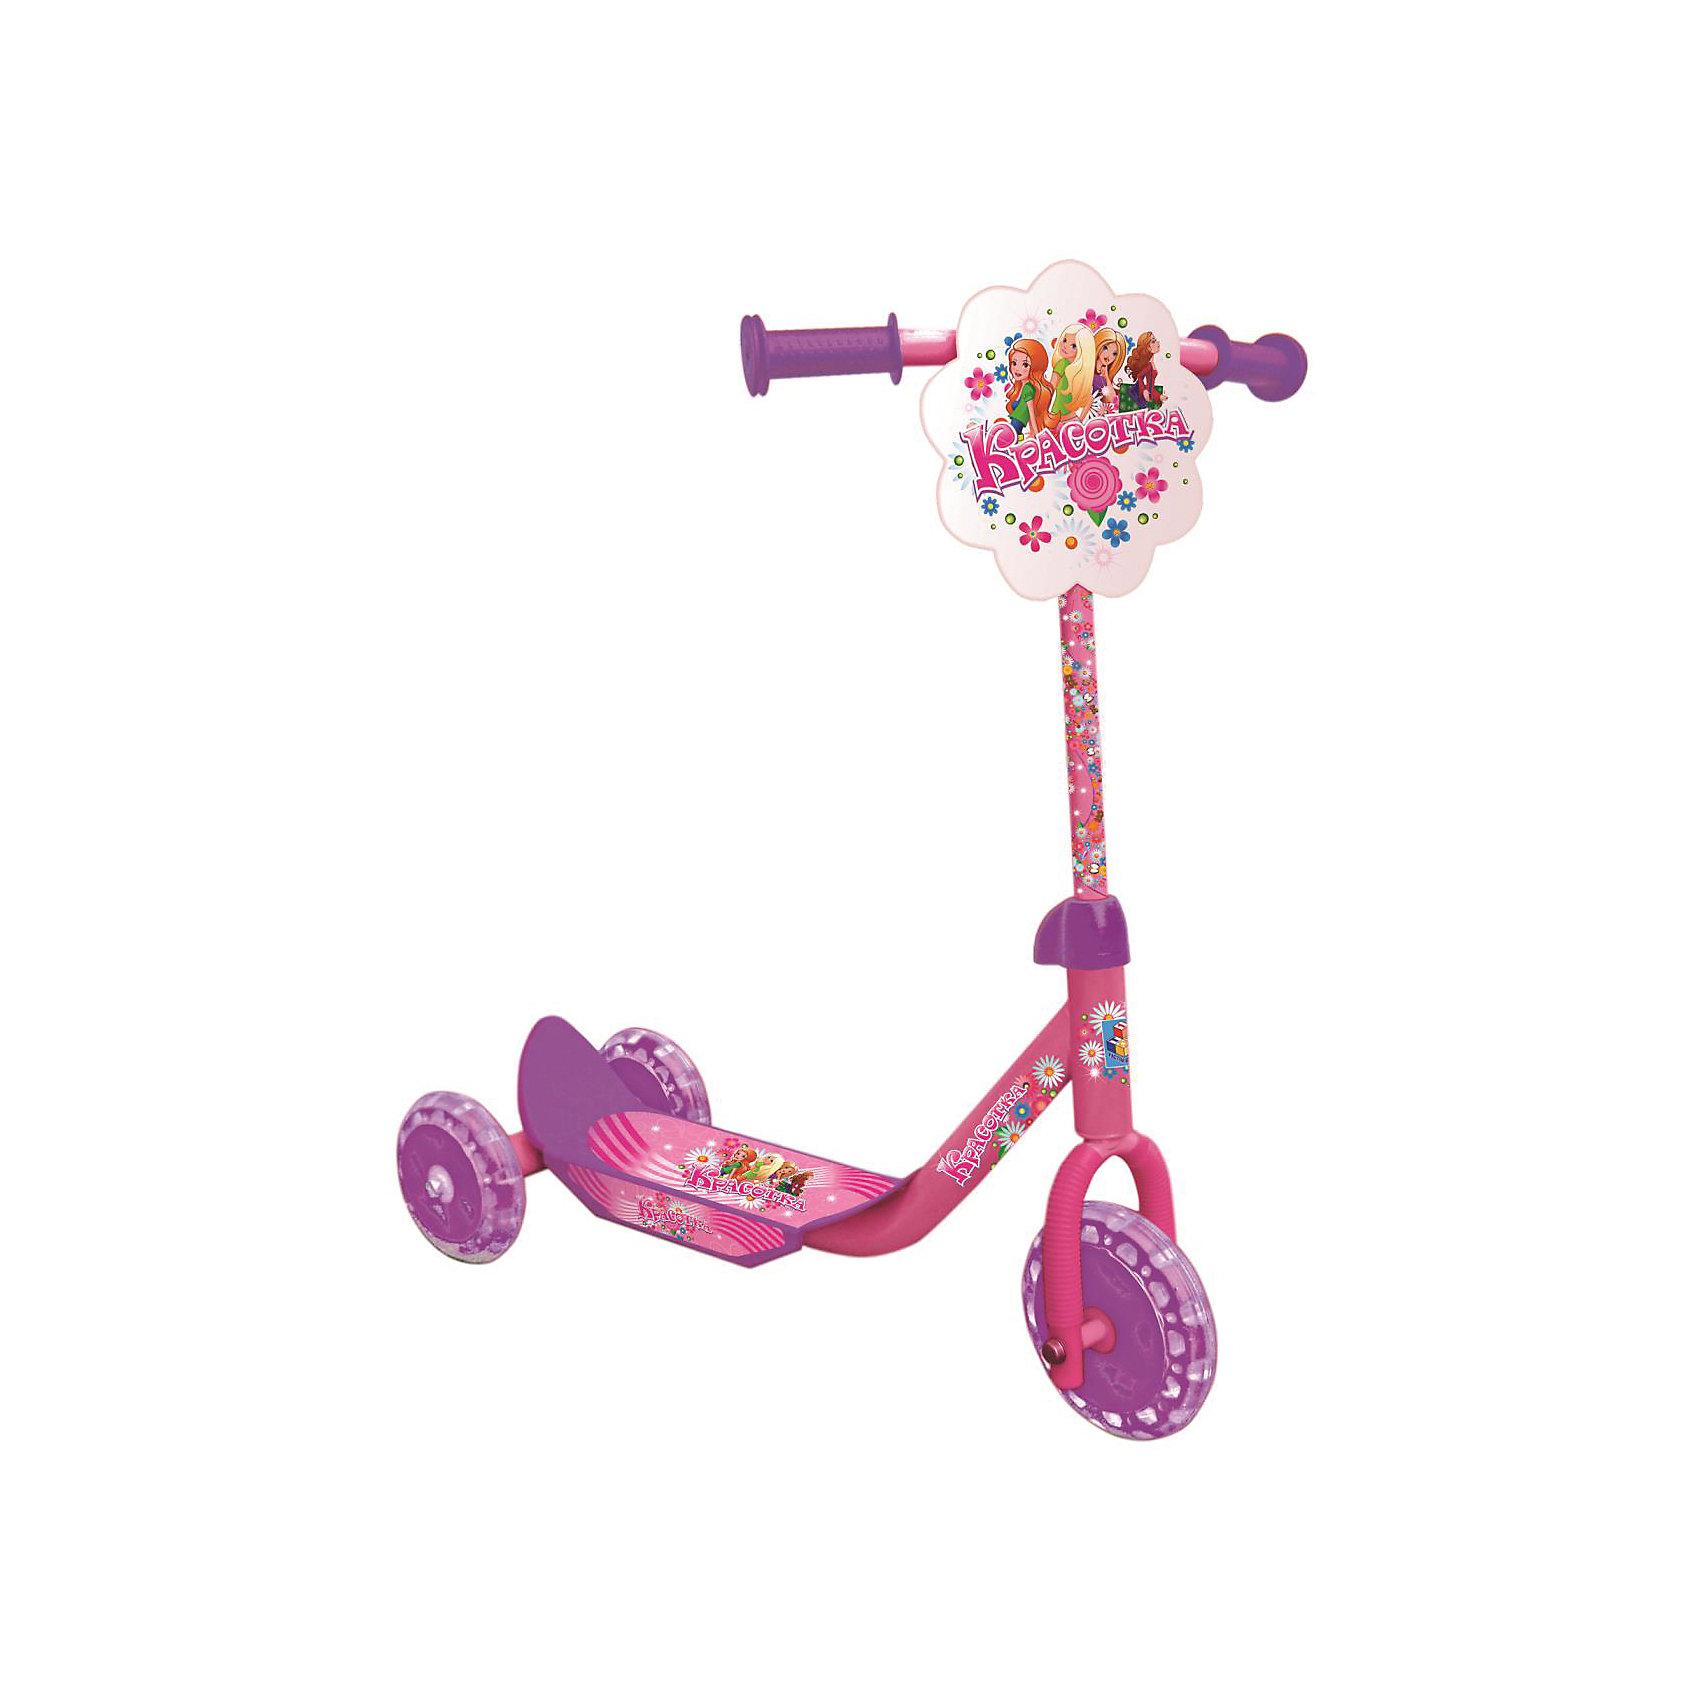 Самокат трехколесный Красотка, 1ToyСамокаты<br>Самокат трехколесный Красотка, 1Toy – прочный, комфортный и легкий в транспортировке самокат, который понравится вашему ребенку.<br>Трёхколёсный самокат Красотка 1Toy - это очень милый, сделанный с любовью к детям, самокат, украшенный изображениями весёлых подружек, предназначен для самых маленьких райдеров. У самоката стальная рама, колёса из ПВХ-материала, Т-образная ручка. Удобная противоскользящая платформа позволяет ребёнку надёжно стоять во время движения. Впереди на рулевой стойке имеется декоративная панель. Модель изготовлена из качественных материалов и безопасна для ребенка.<br><br>Дополнительная информация:<br><br>- Возраст: от 3 лет <br>- Материал: металл, пластик, ПВХ<br>- Цвет: белый, розовый, фиолетовый<br>- Максимальная нагрузка: 20 кг.<br>- Тормоз: ножной<br>- Размер: 60х10,5х68 см.<br>- Диаметр переднего колеса: 15,24 см.<br>- Диаметр задних колёс: 12,7 см.<br>- Вес: 2,35 кг.<br>- Размеры упаковки: 51х14х34 см.<br><br>Самокат трехколесный Красотка, 1Toy можно купить в нашем интернет-магазине.<br><br>Ширина мм: 510<br>Глубина мм: 140<br>Высота мм: 340<br>Вес г: 3083<br>Возраст от месяцев: 36<br>Возраст до месяцев: 84<br>Пол: Женский<br>Возраст: Детский<br>SKU: 4655109